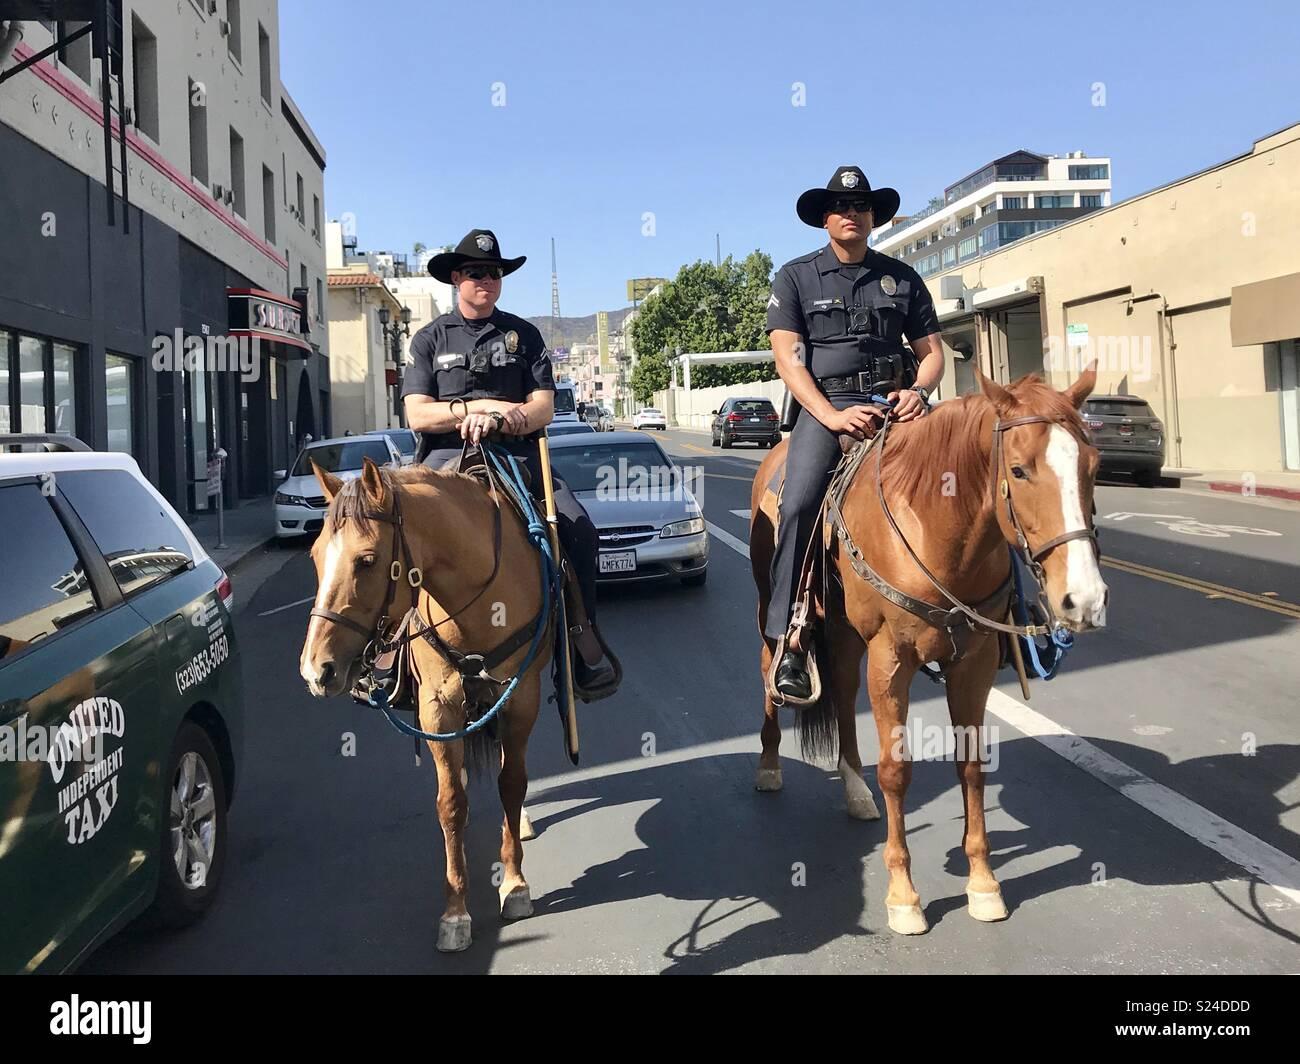 Montiert Polizeichefs auf Patrouille in Hollywood, Kalifornien, halten die Straßen sicher für alle. Stockfoto